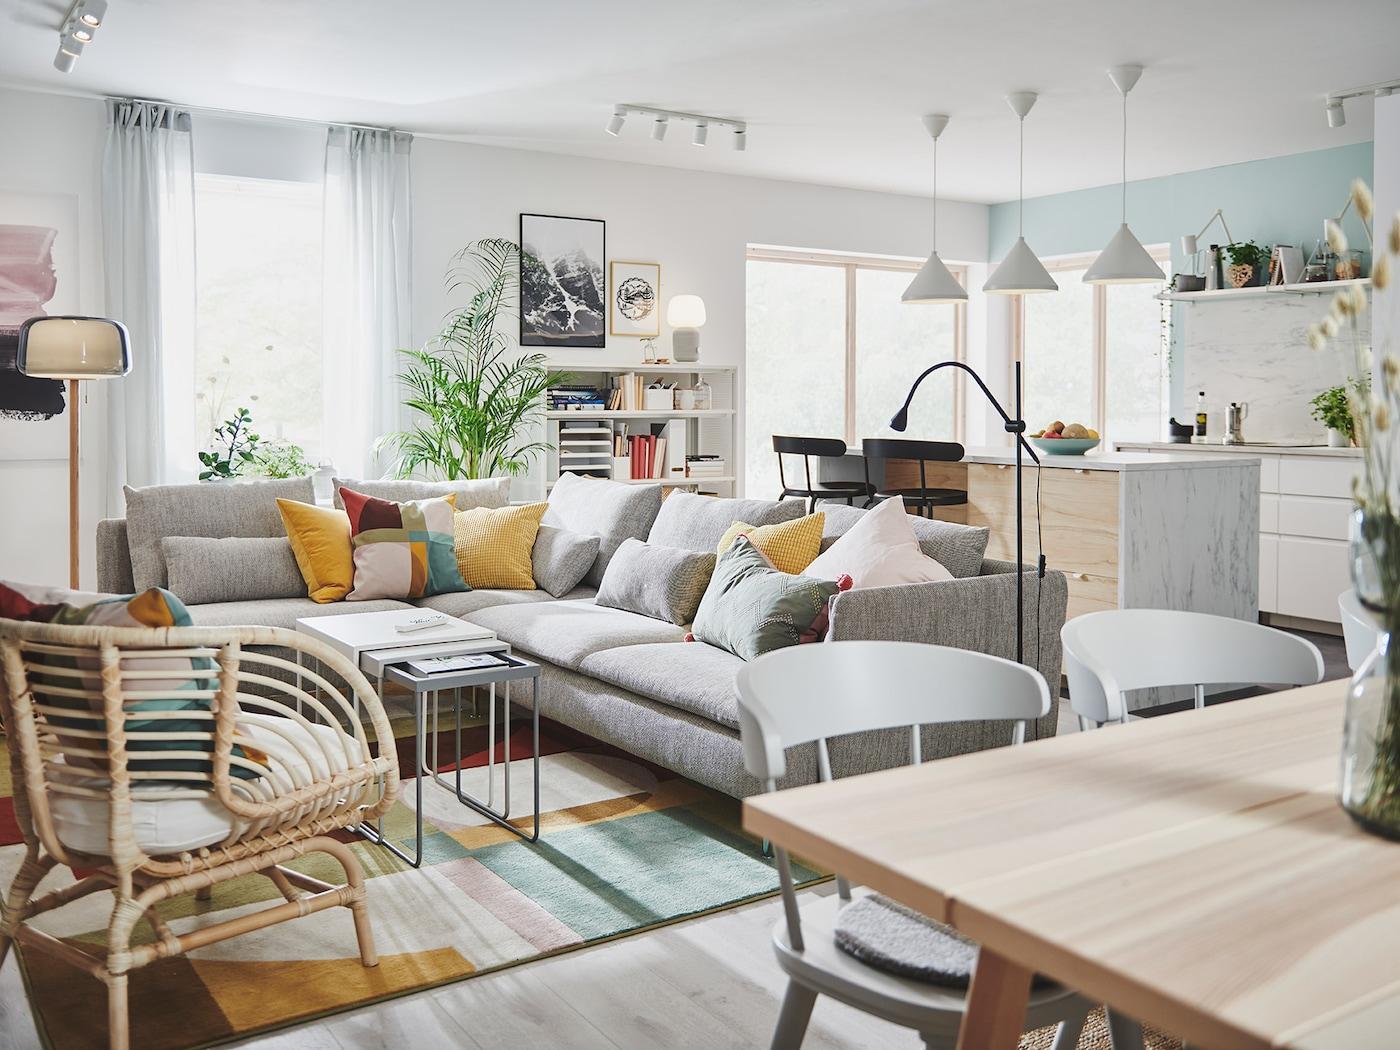 Stue med mørk turkis sofa og taburet, en hvid opbevaringsløsning og et mørk blågrønt skab.